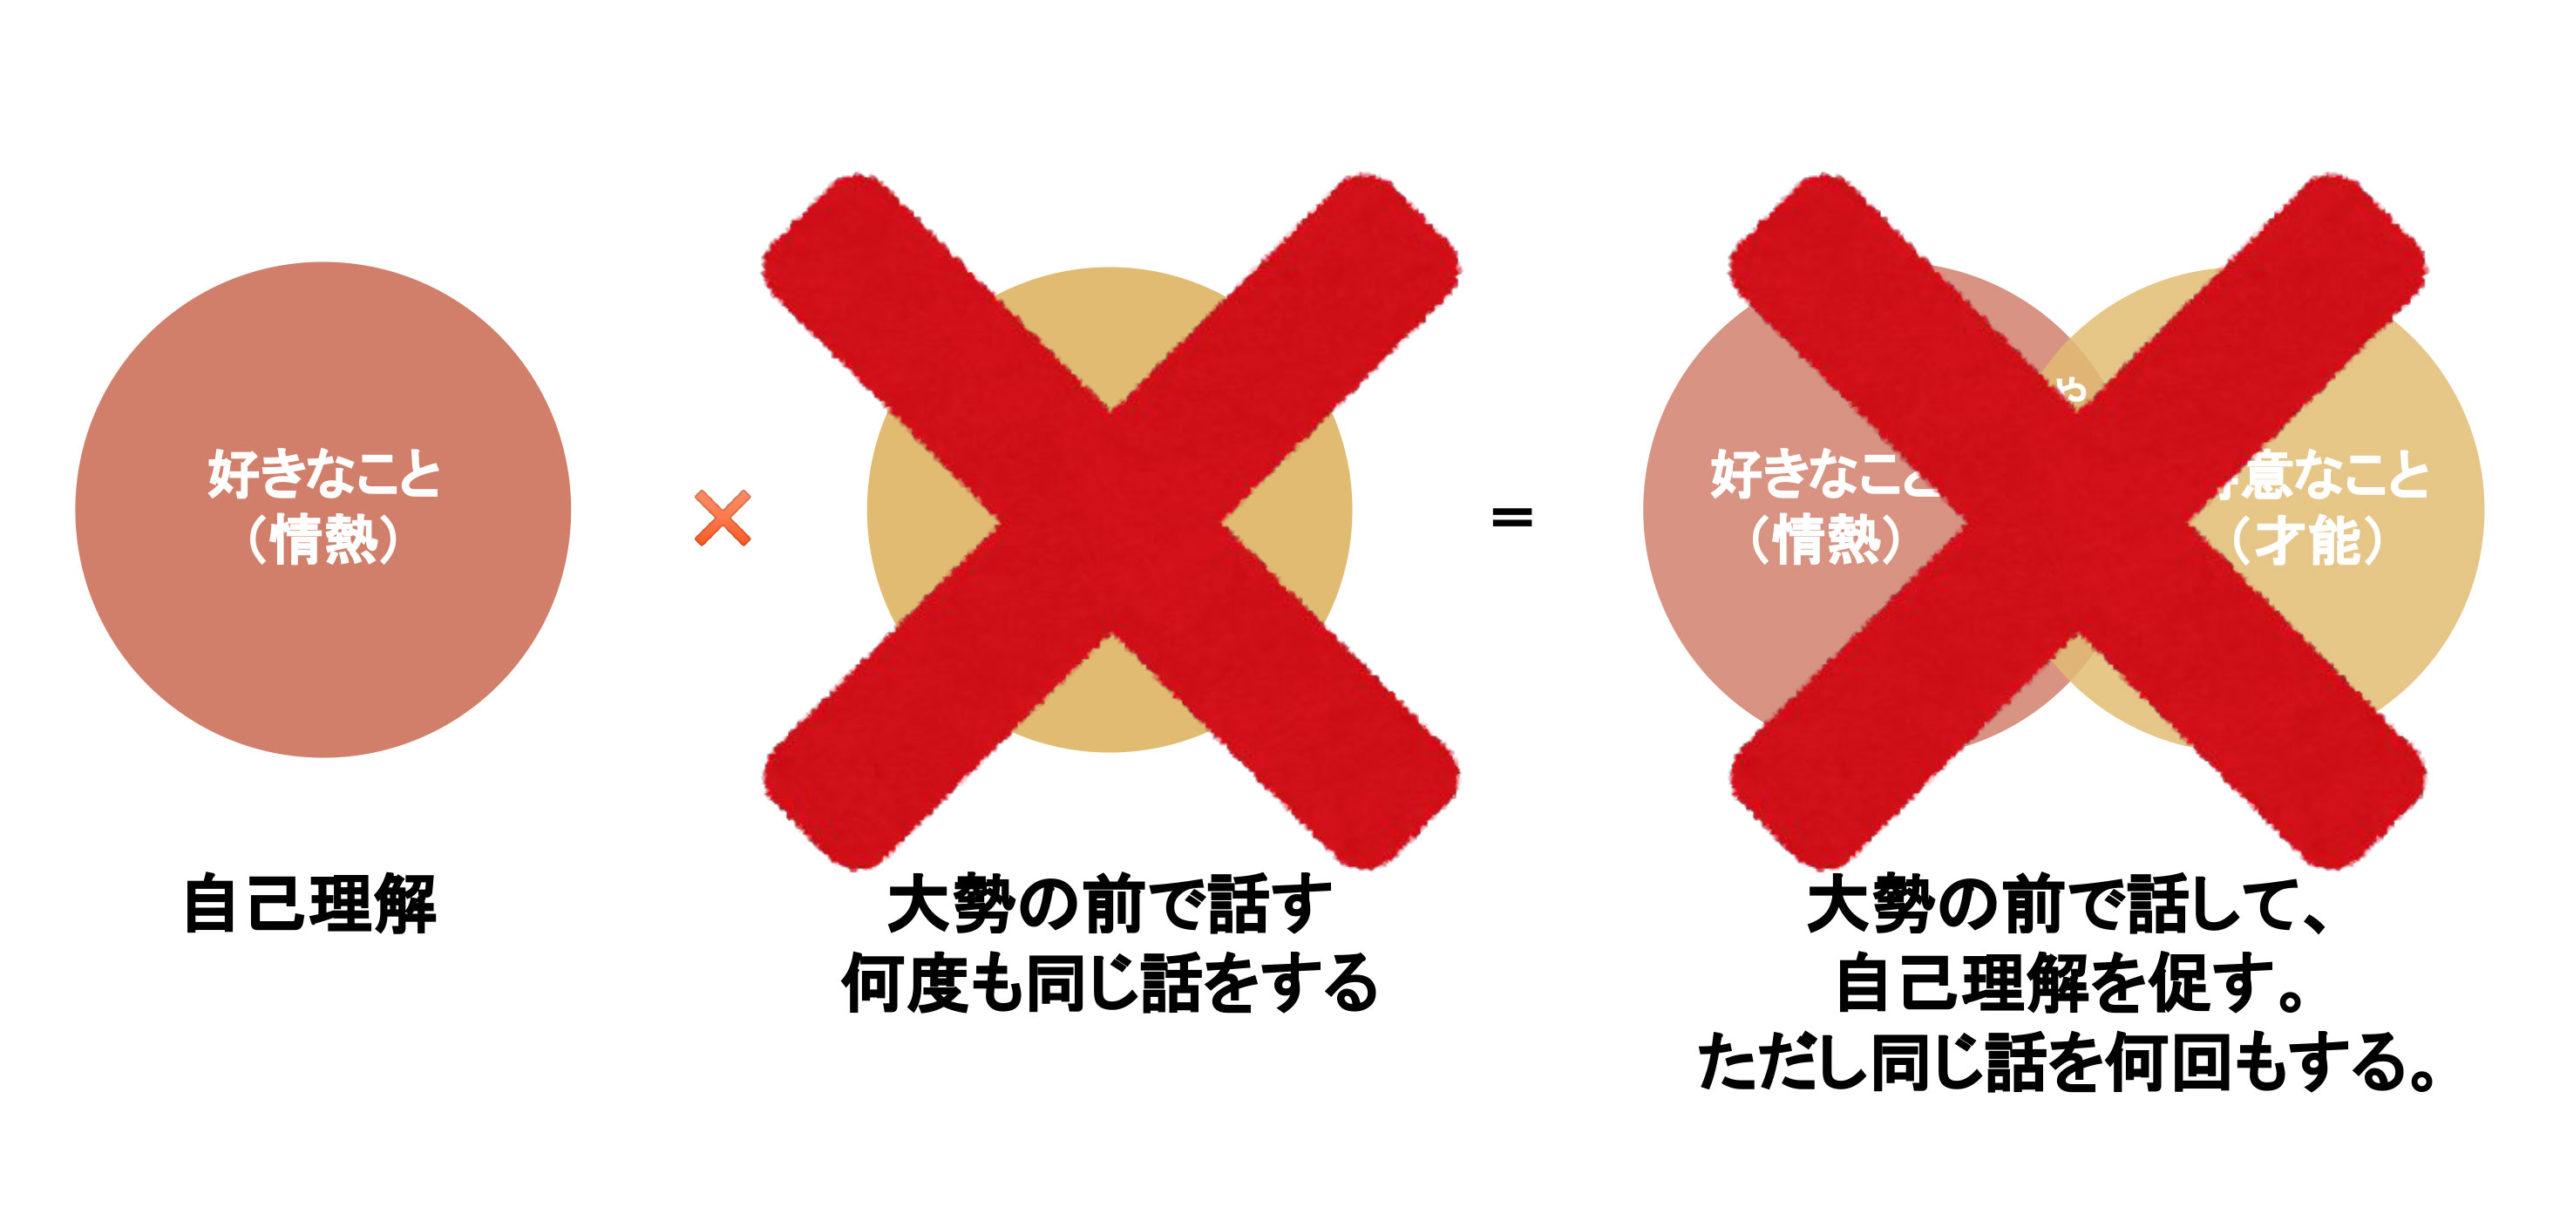 八木仁平䛾働き方2セミナー編